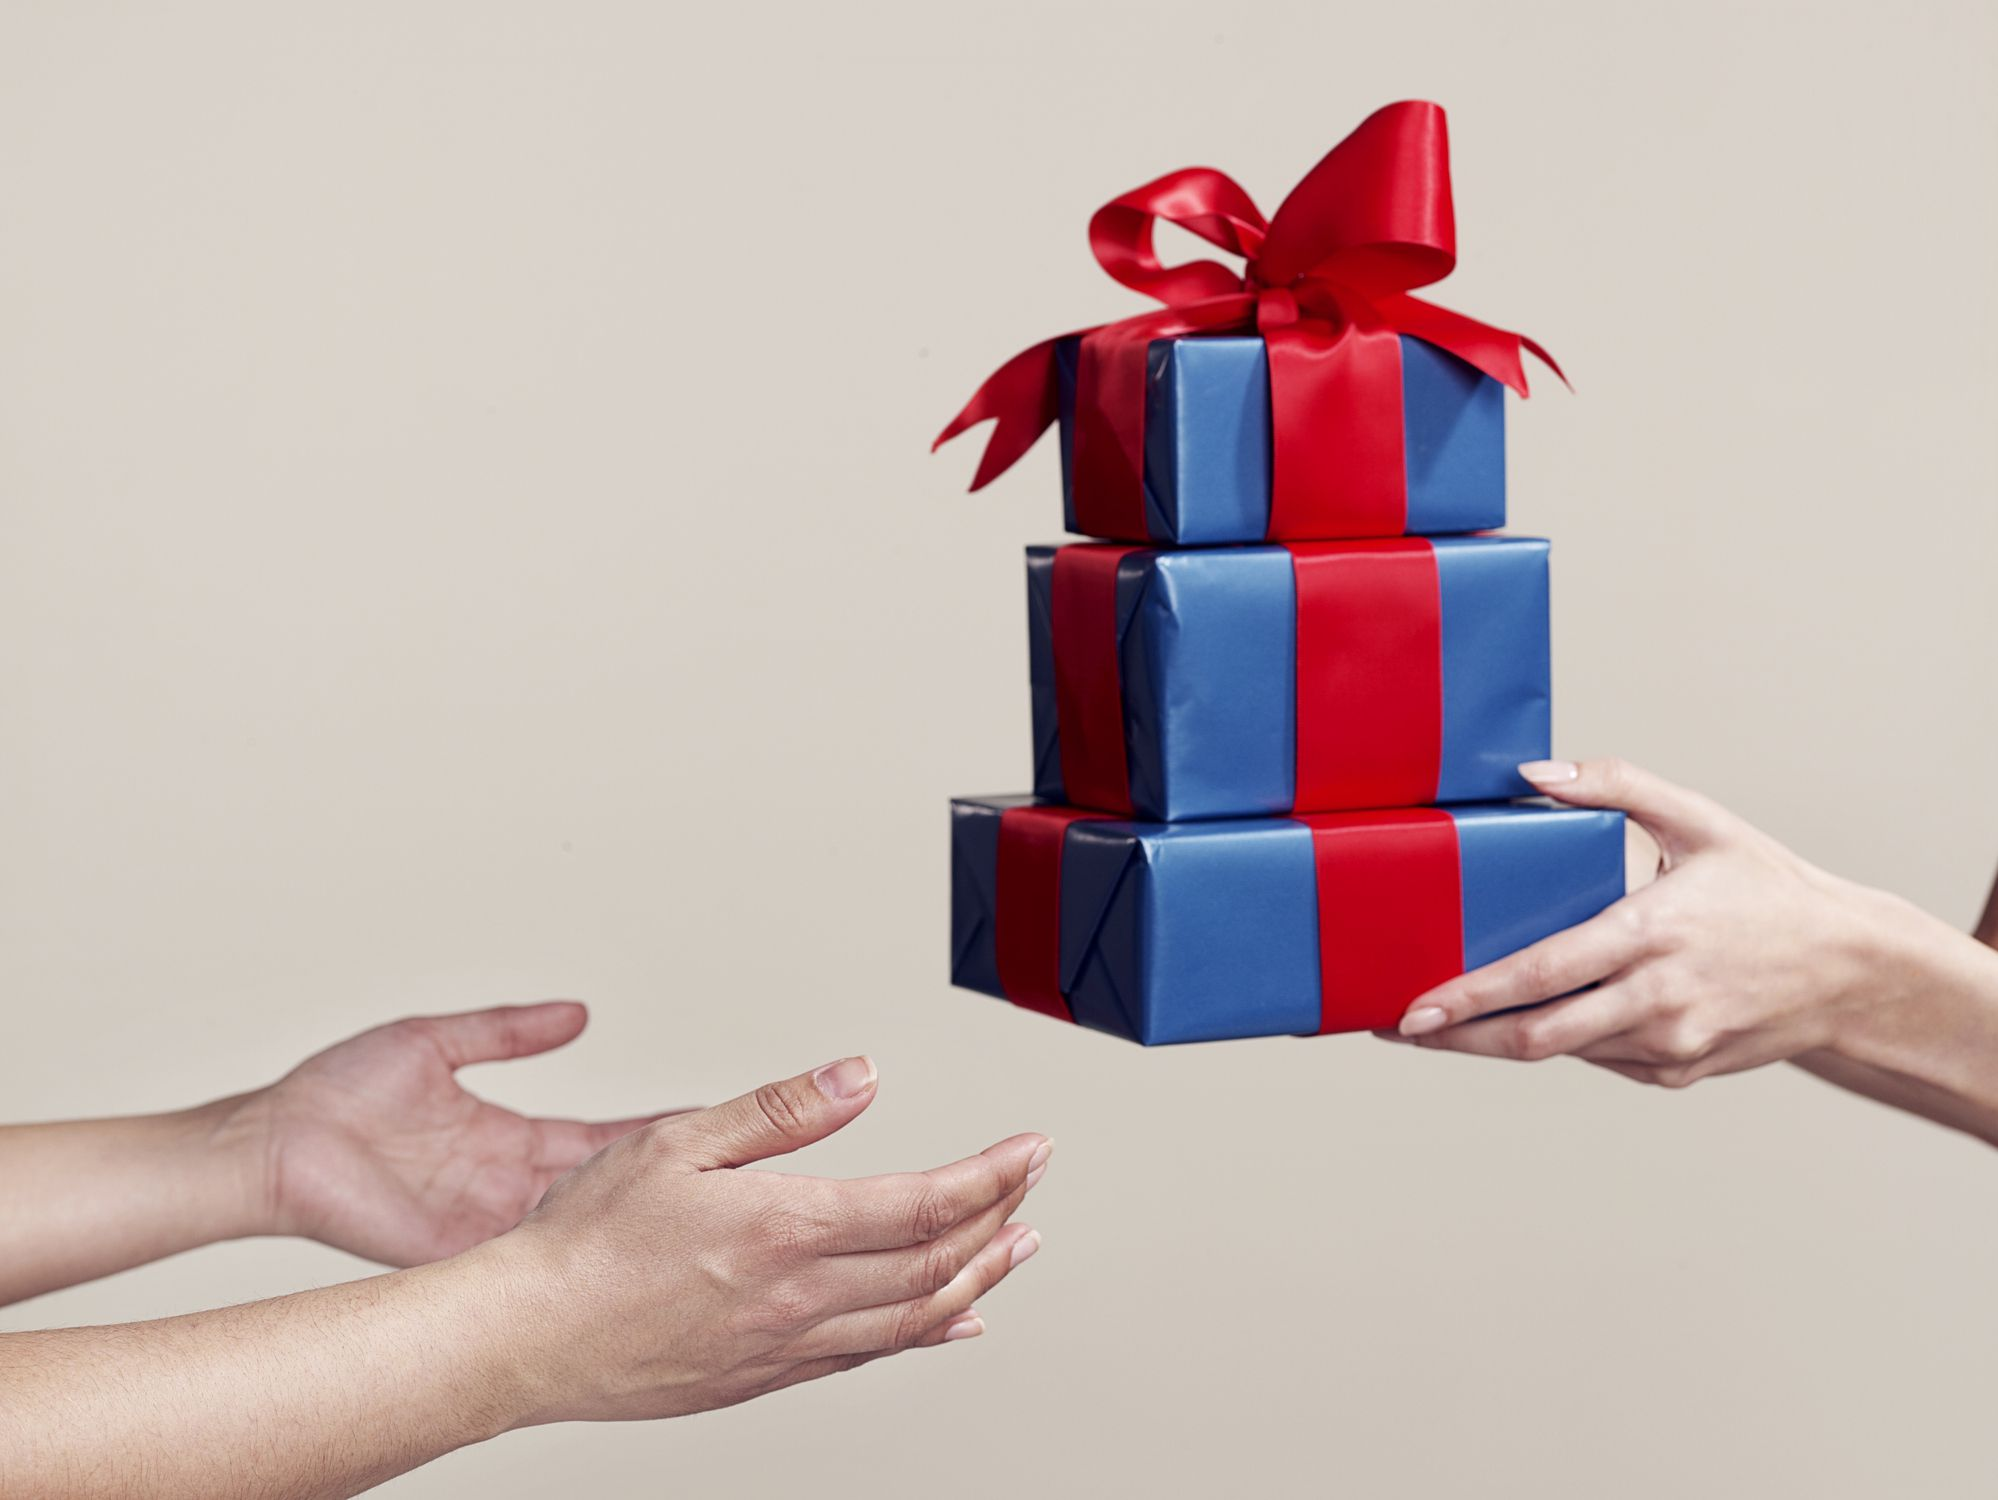 Gift Ideas for Fibromyalgia Chronic Fatigue Syndrome